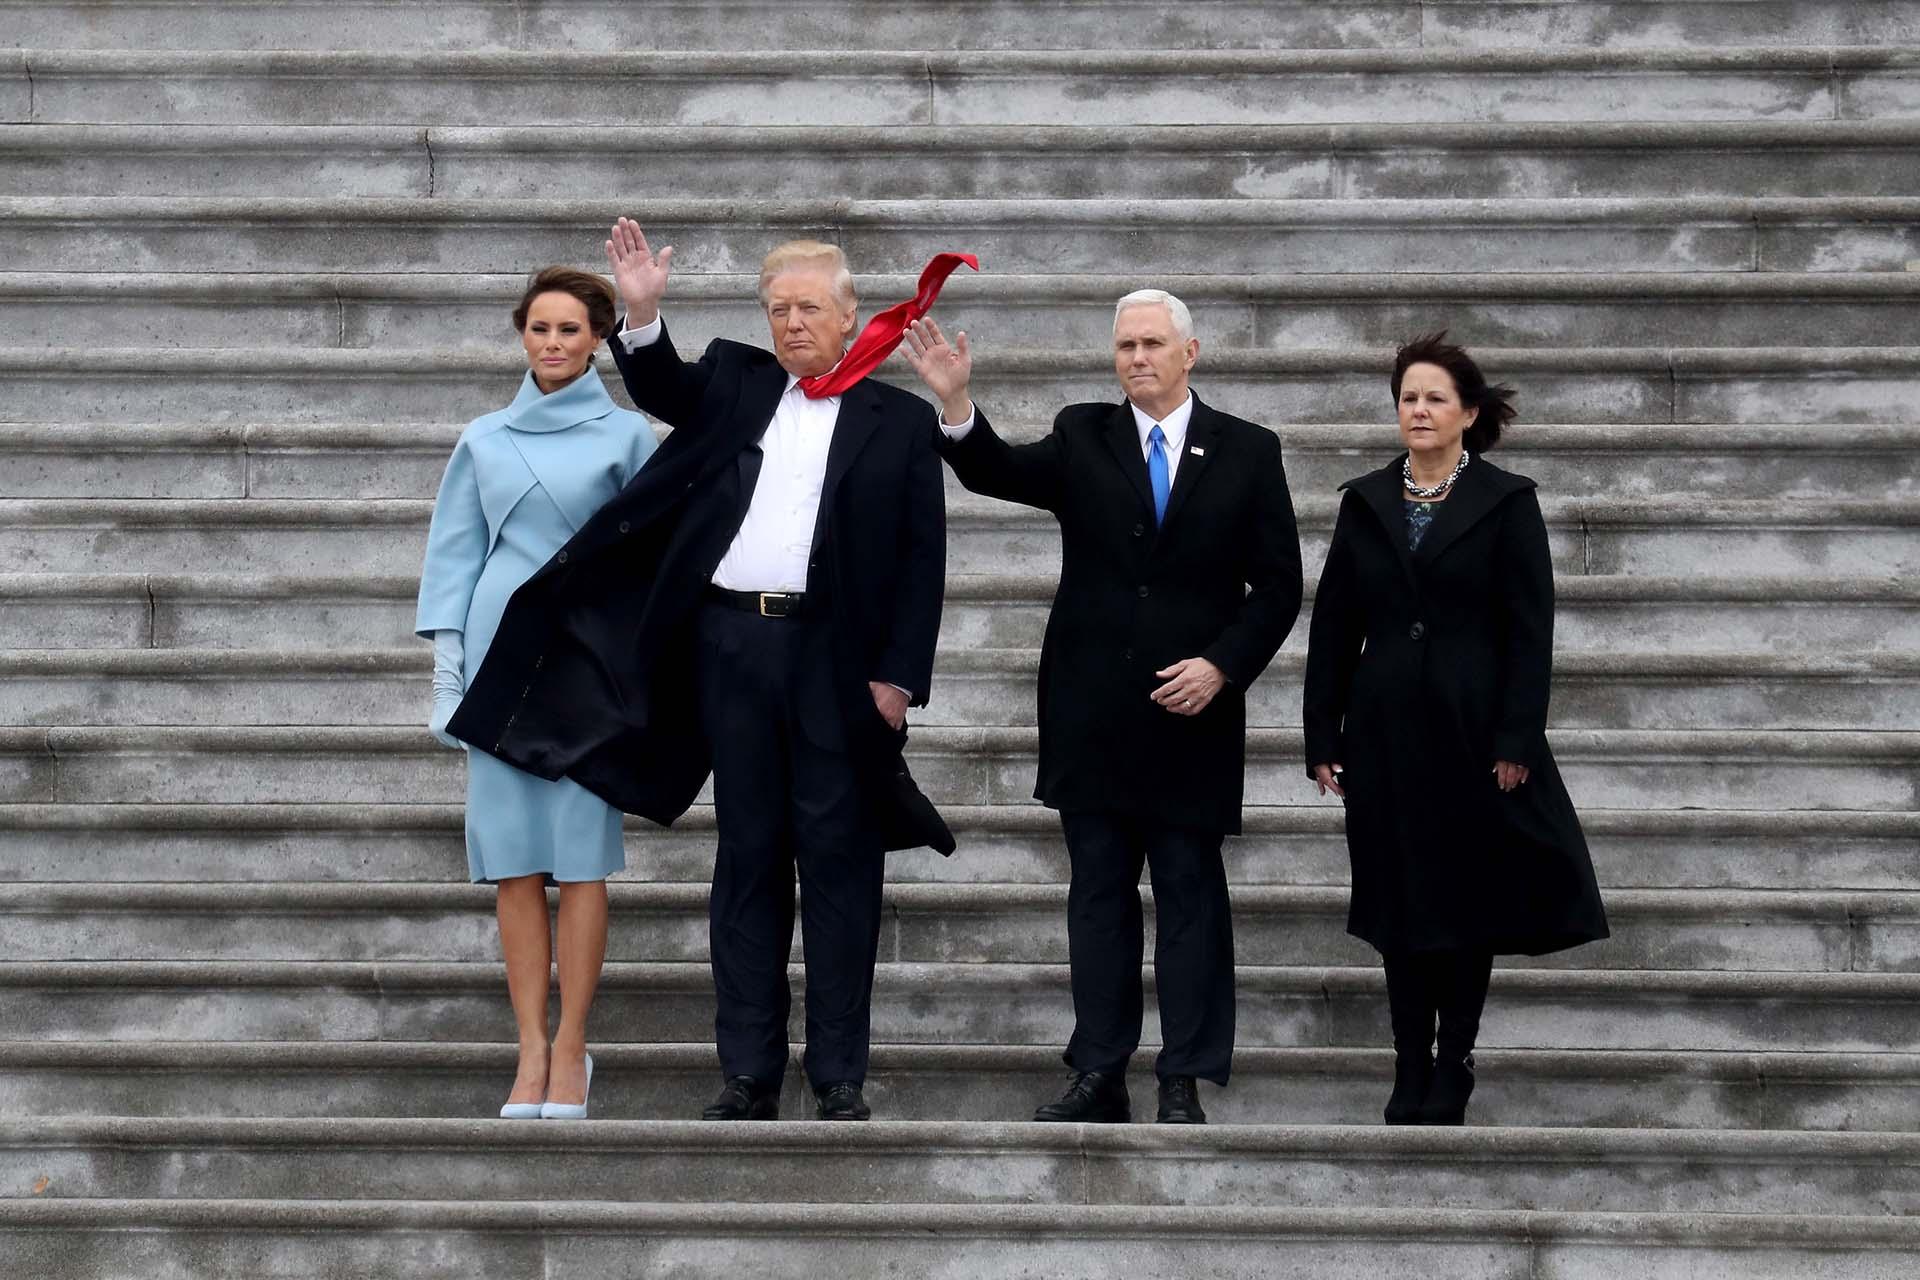 20/1/2017 Donald Trump y su vicepresidente Mike Pence, saludan a la multitud junto a sus esposas tras asumir sus cargos.